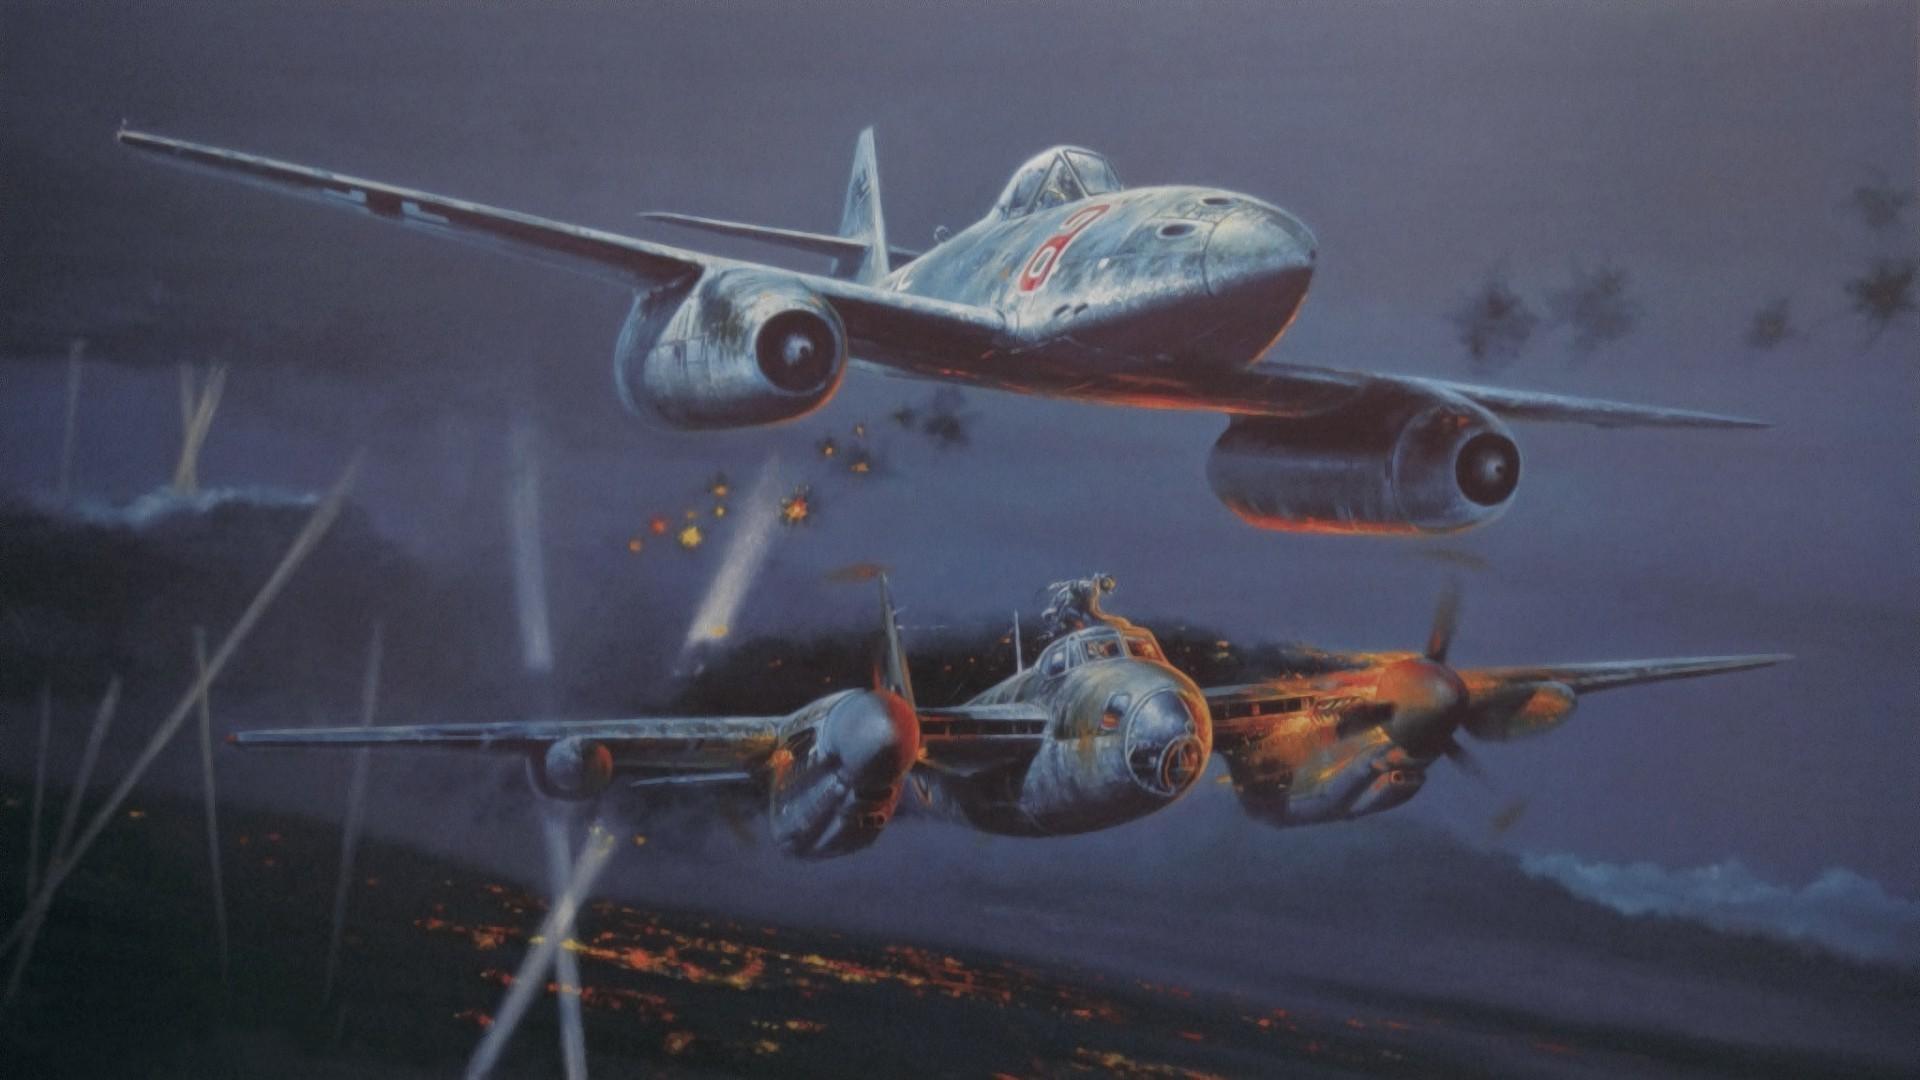 artwork, Aircraft, Military, World War II, Messerschmitt Me 262, De  Havilland DH98 Mosquito Wallpapers HD / Desktop and Mobile Backgrounds